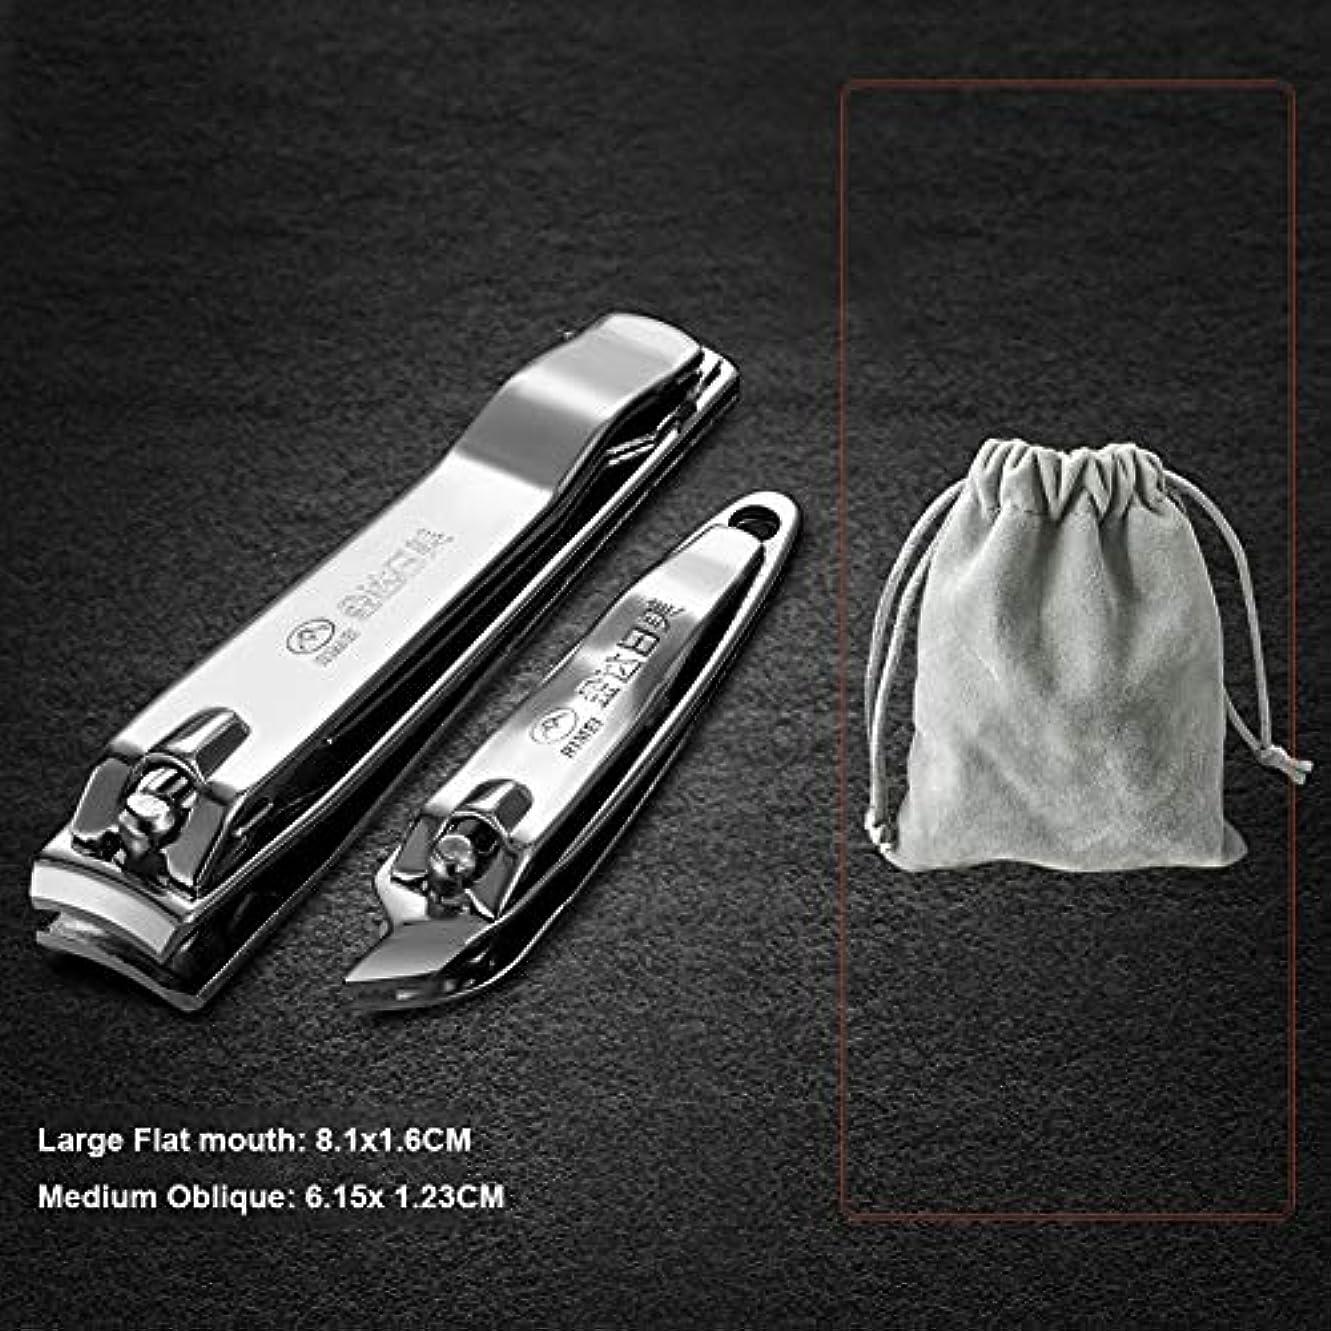 激怒本部頑丈2つのステンレス鋼の爪切り、大きい平らな爪切りおよび中型の斜めの釘のはさみ、男性女性のため